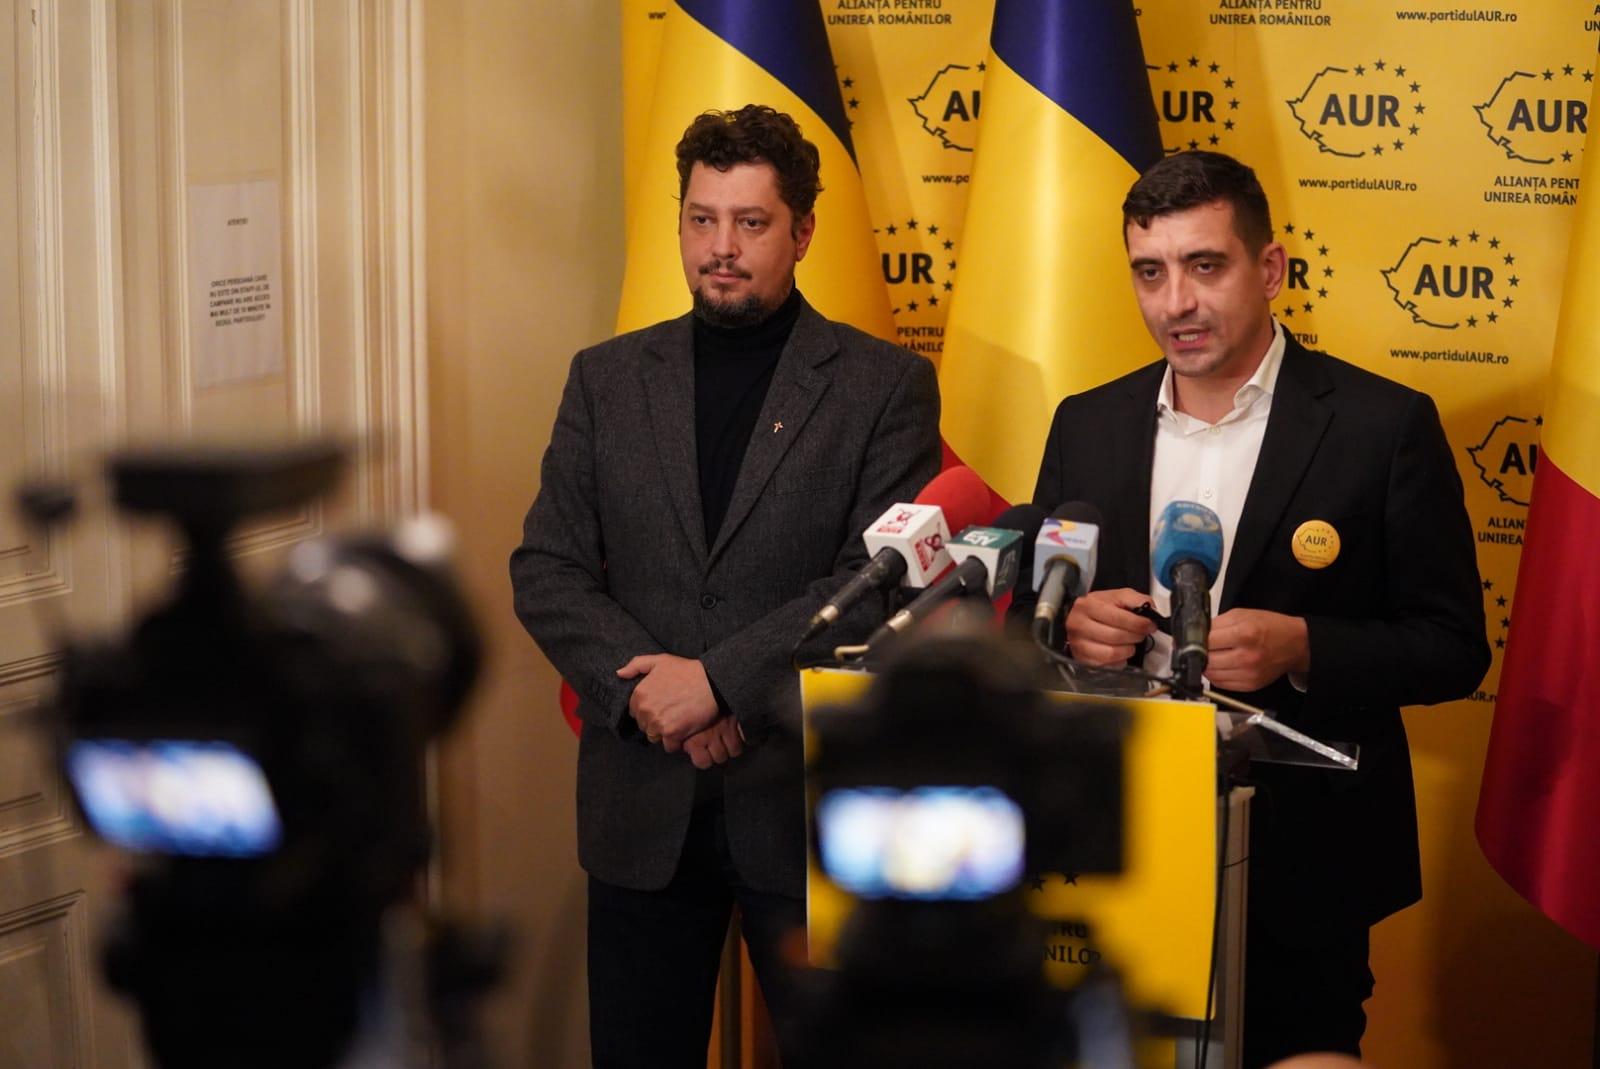 AUR: Susținem un guvern de uniune națională format din specialiști – 60m.ro